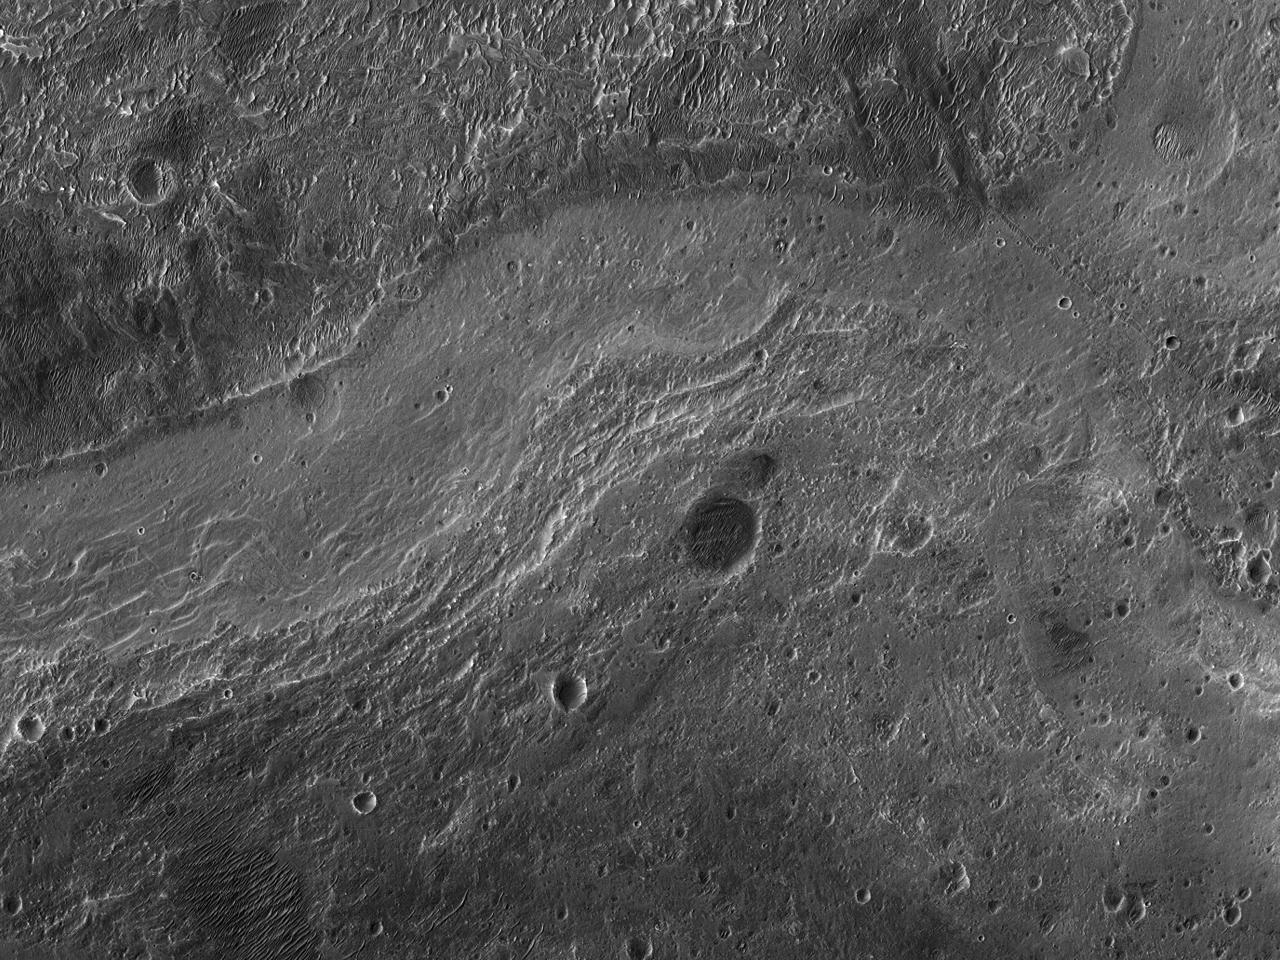 Східна частина дна кратера Roddy